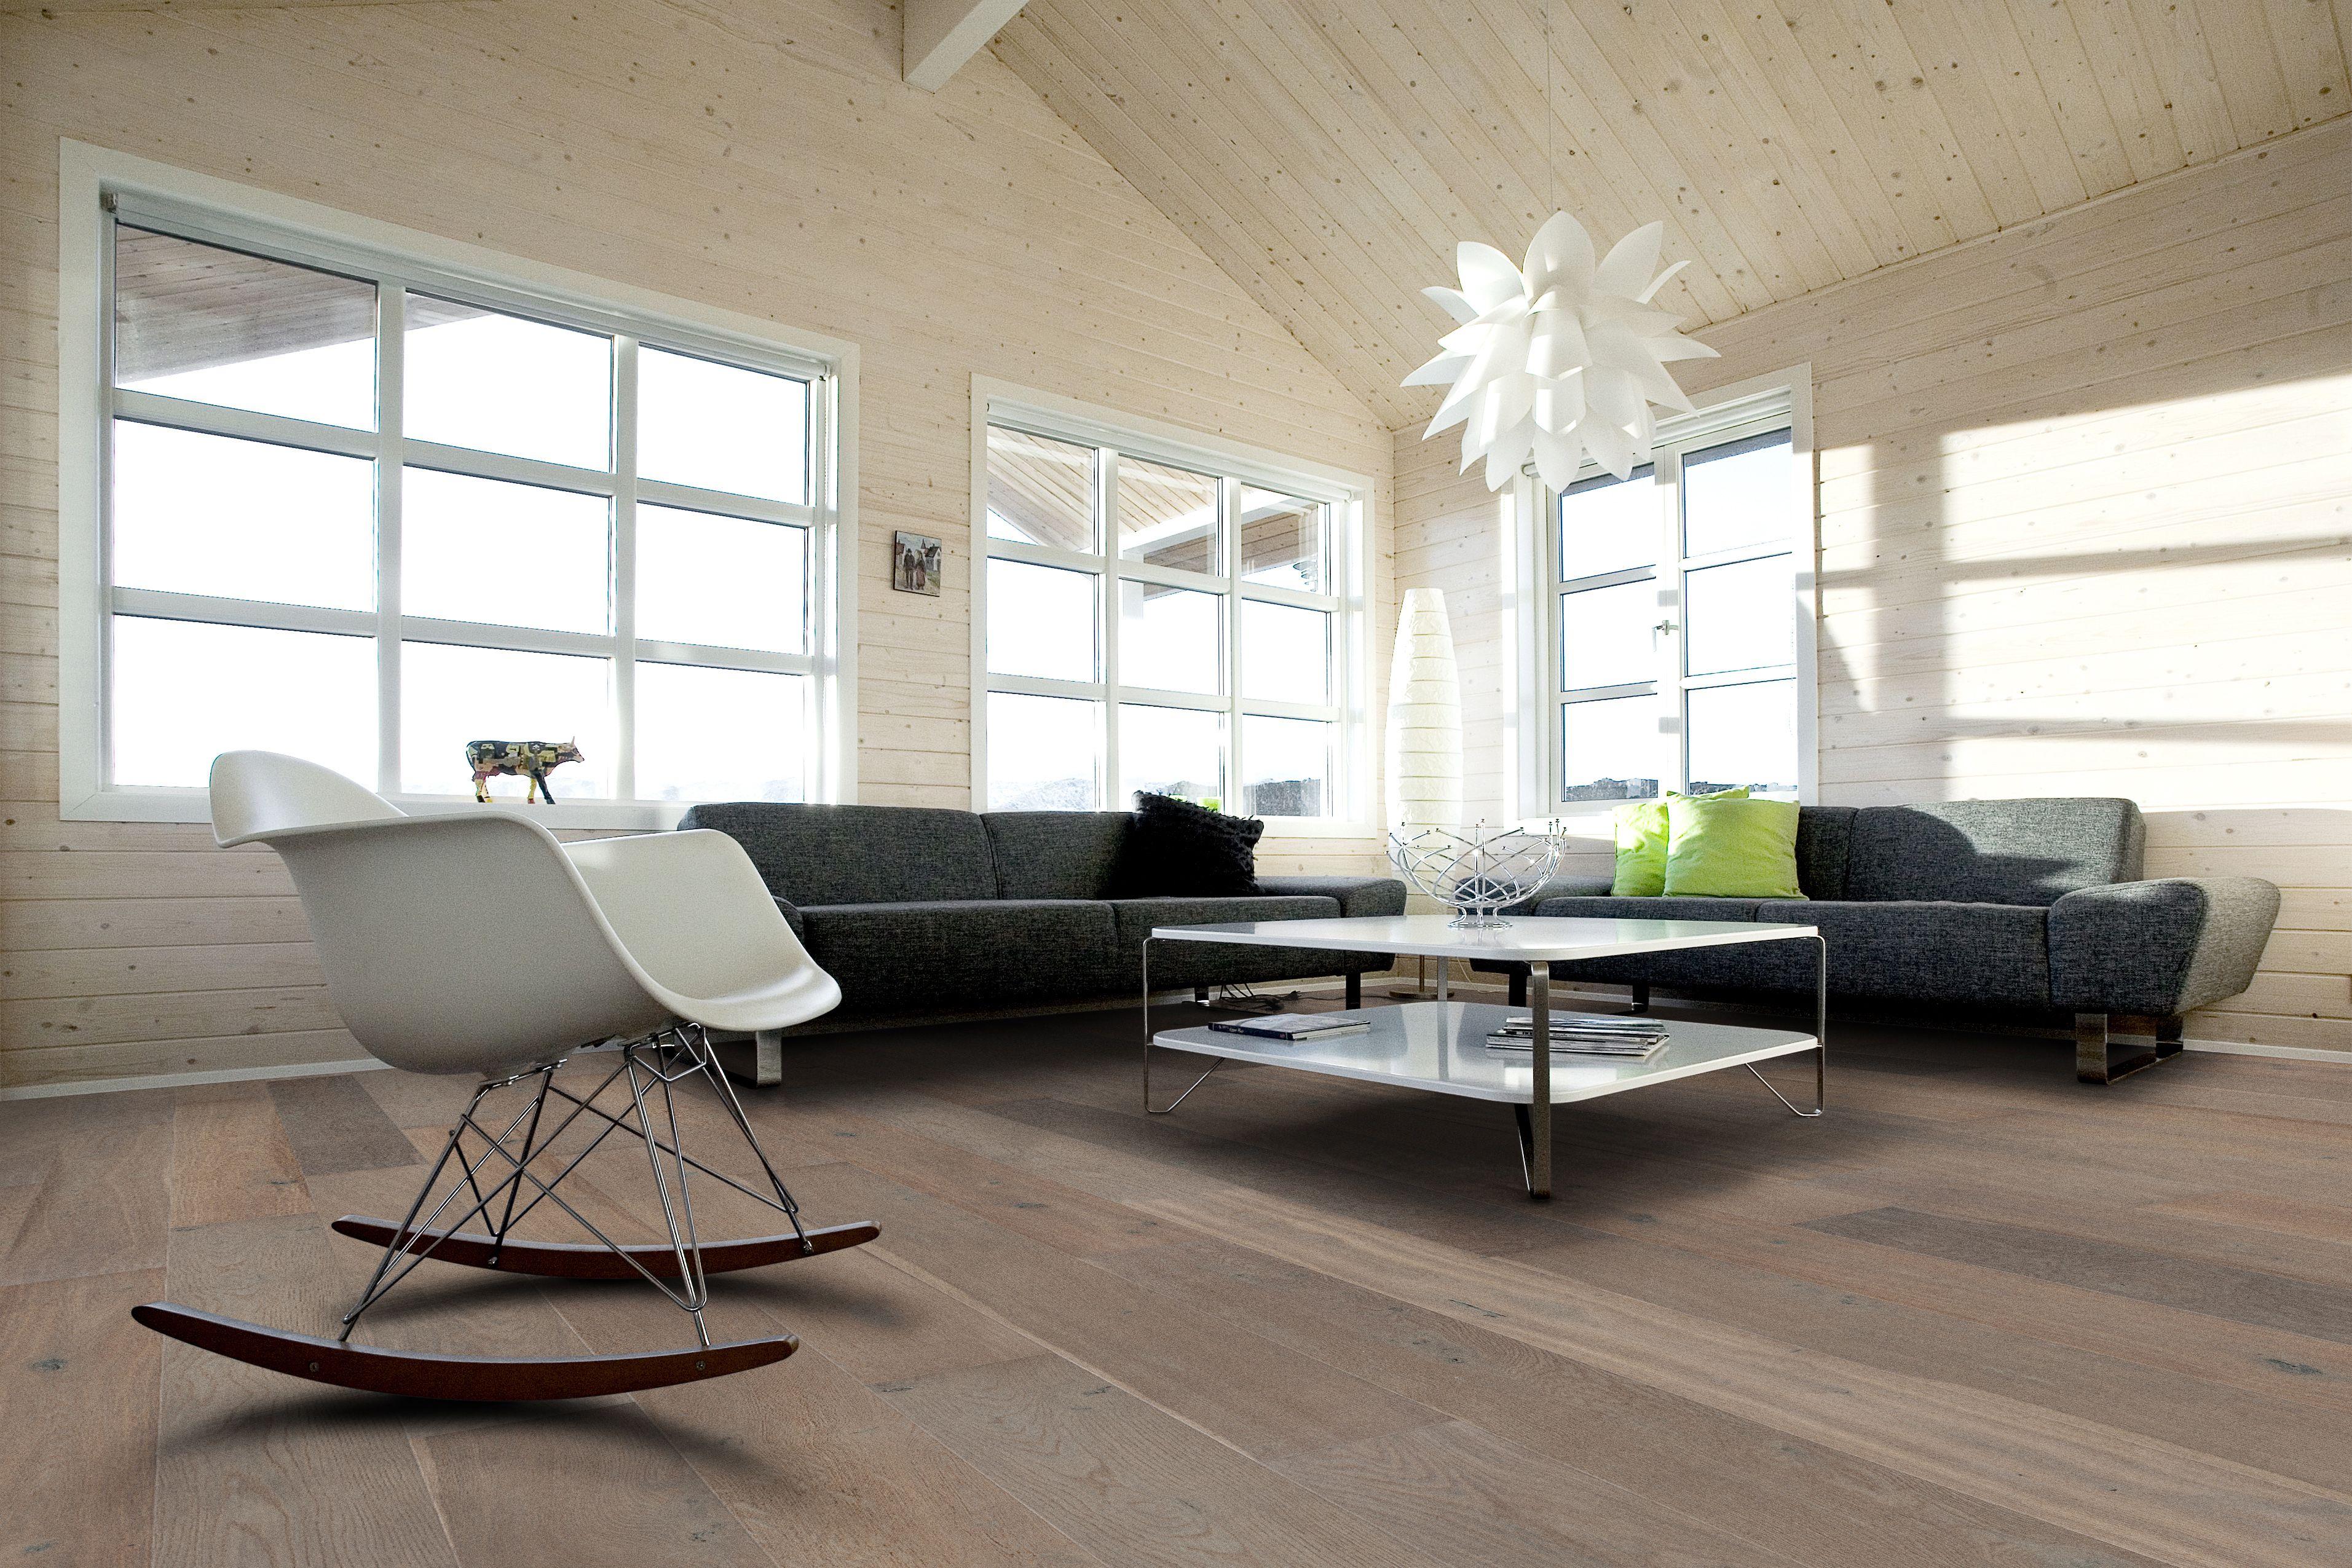 vloeren Breda Een houten vloer in de olie voor